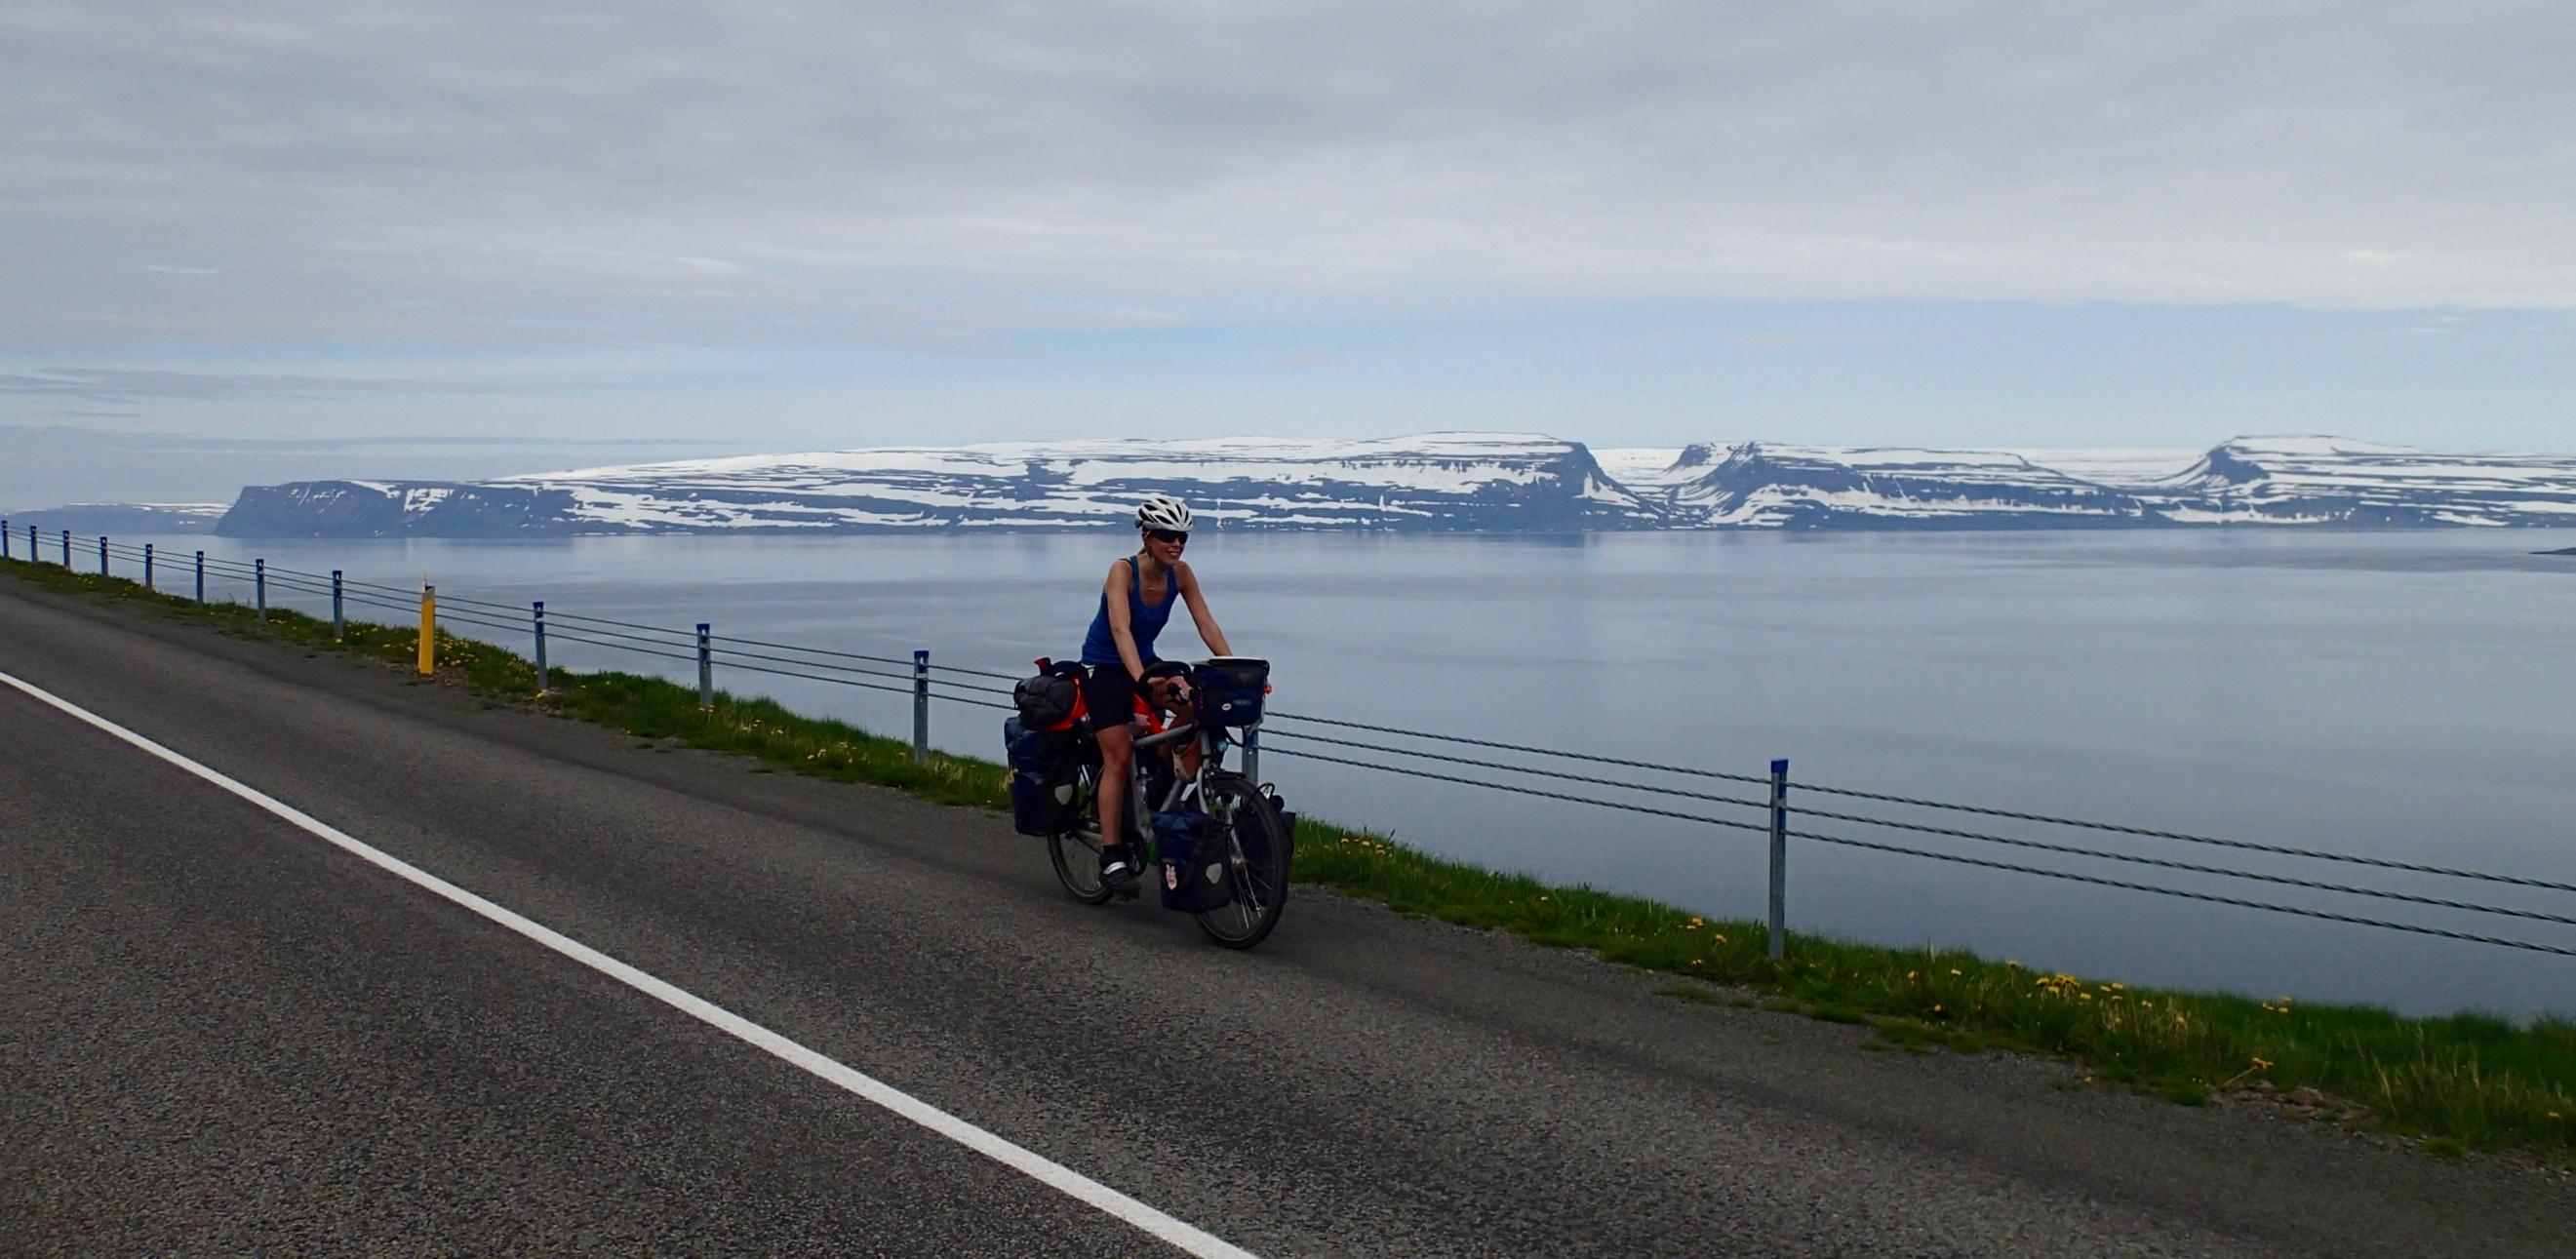 Egy Isafjordurban tartott pihenőnap után igazi fjord-üzemmódba kapcsoltam. Még nem is végeztem az egyik fjorddal, de már a következő hívogatott.